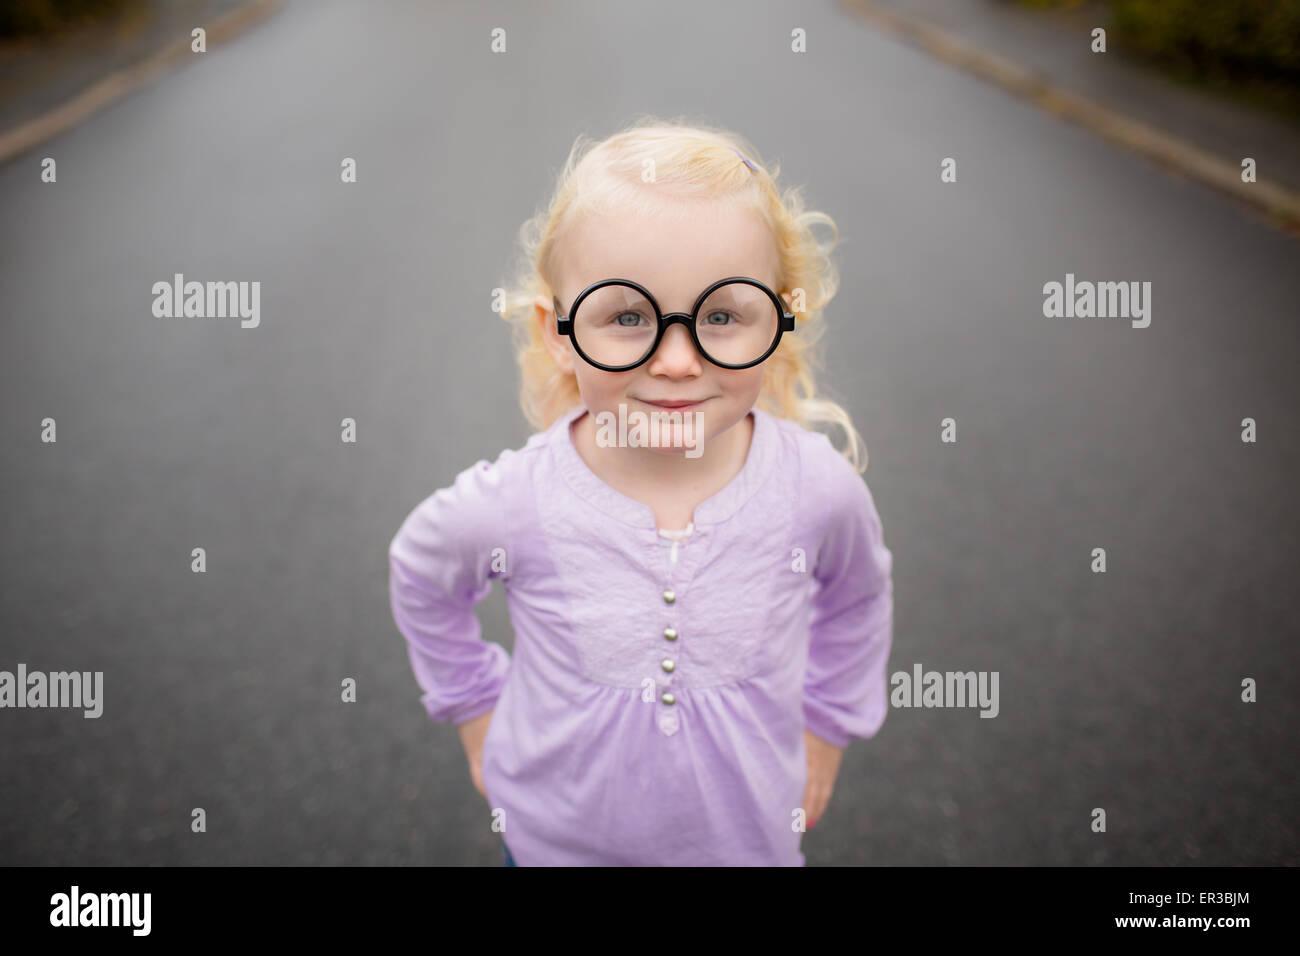 Portrait d une jeune fille portant des lunettes idiotes Photo Stock 639bf8945a82